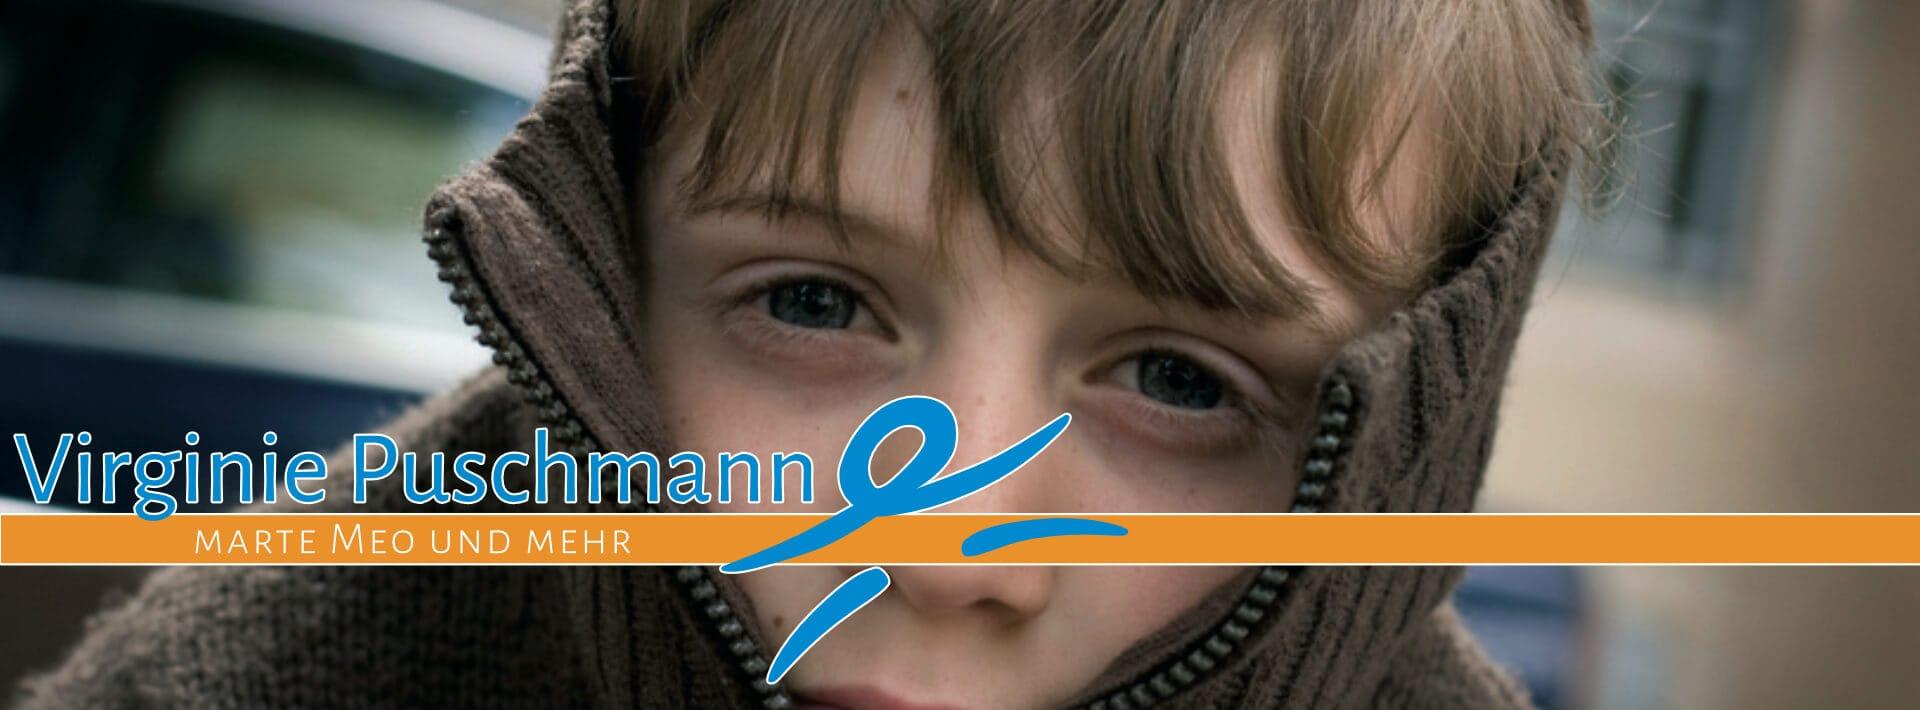 Kinder und Jugendliche mit speziellen Bedürfnissen